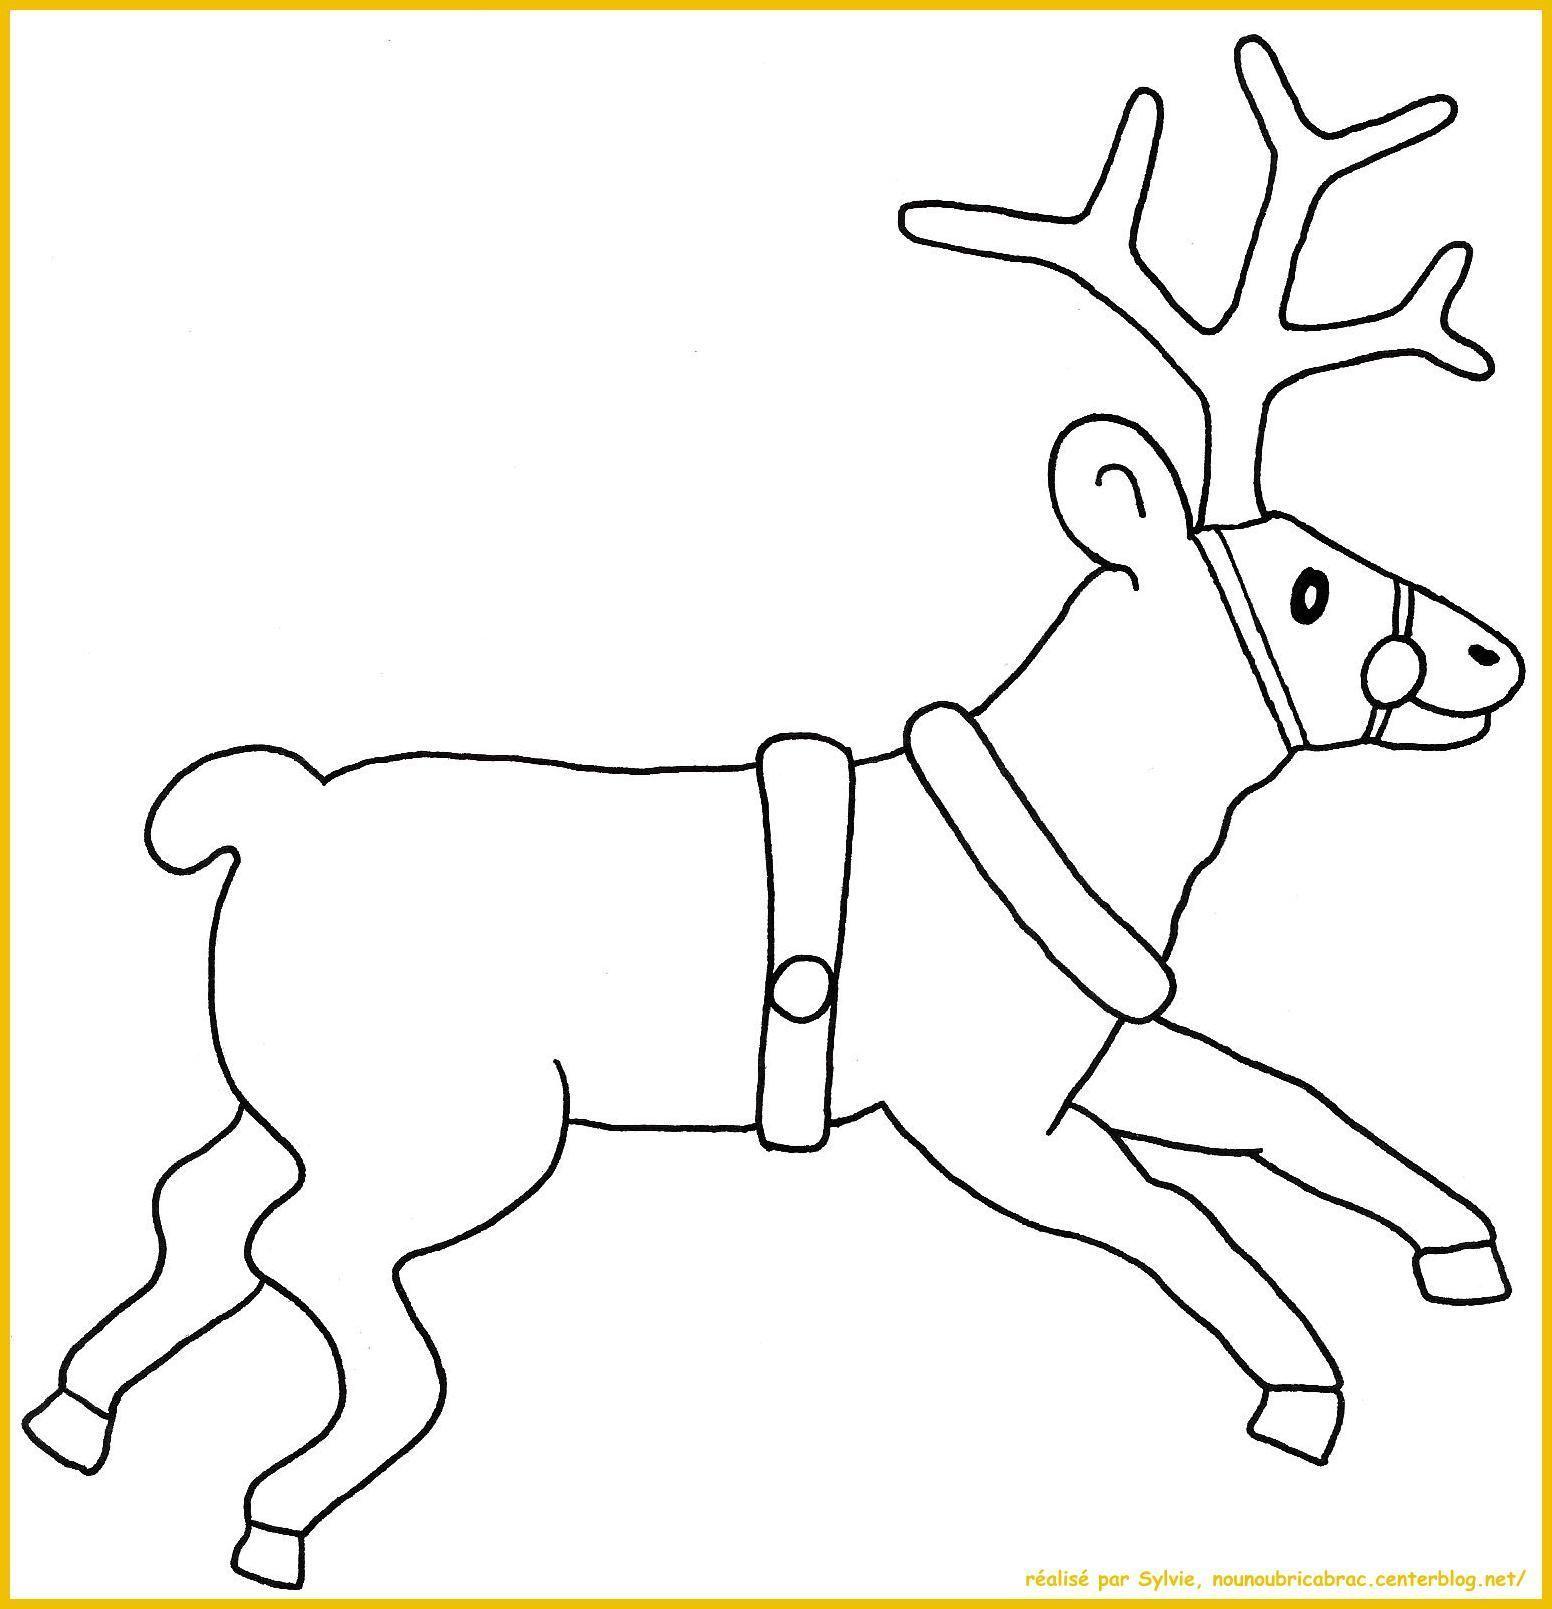 Comment dessiner un renne - Dessiner un renne ...